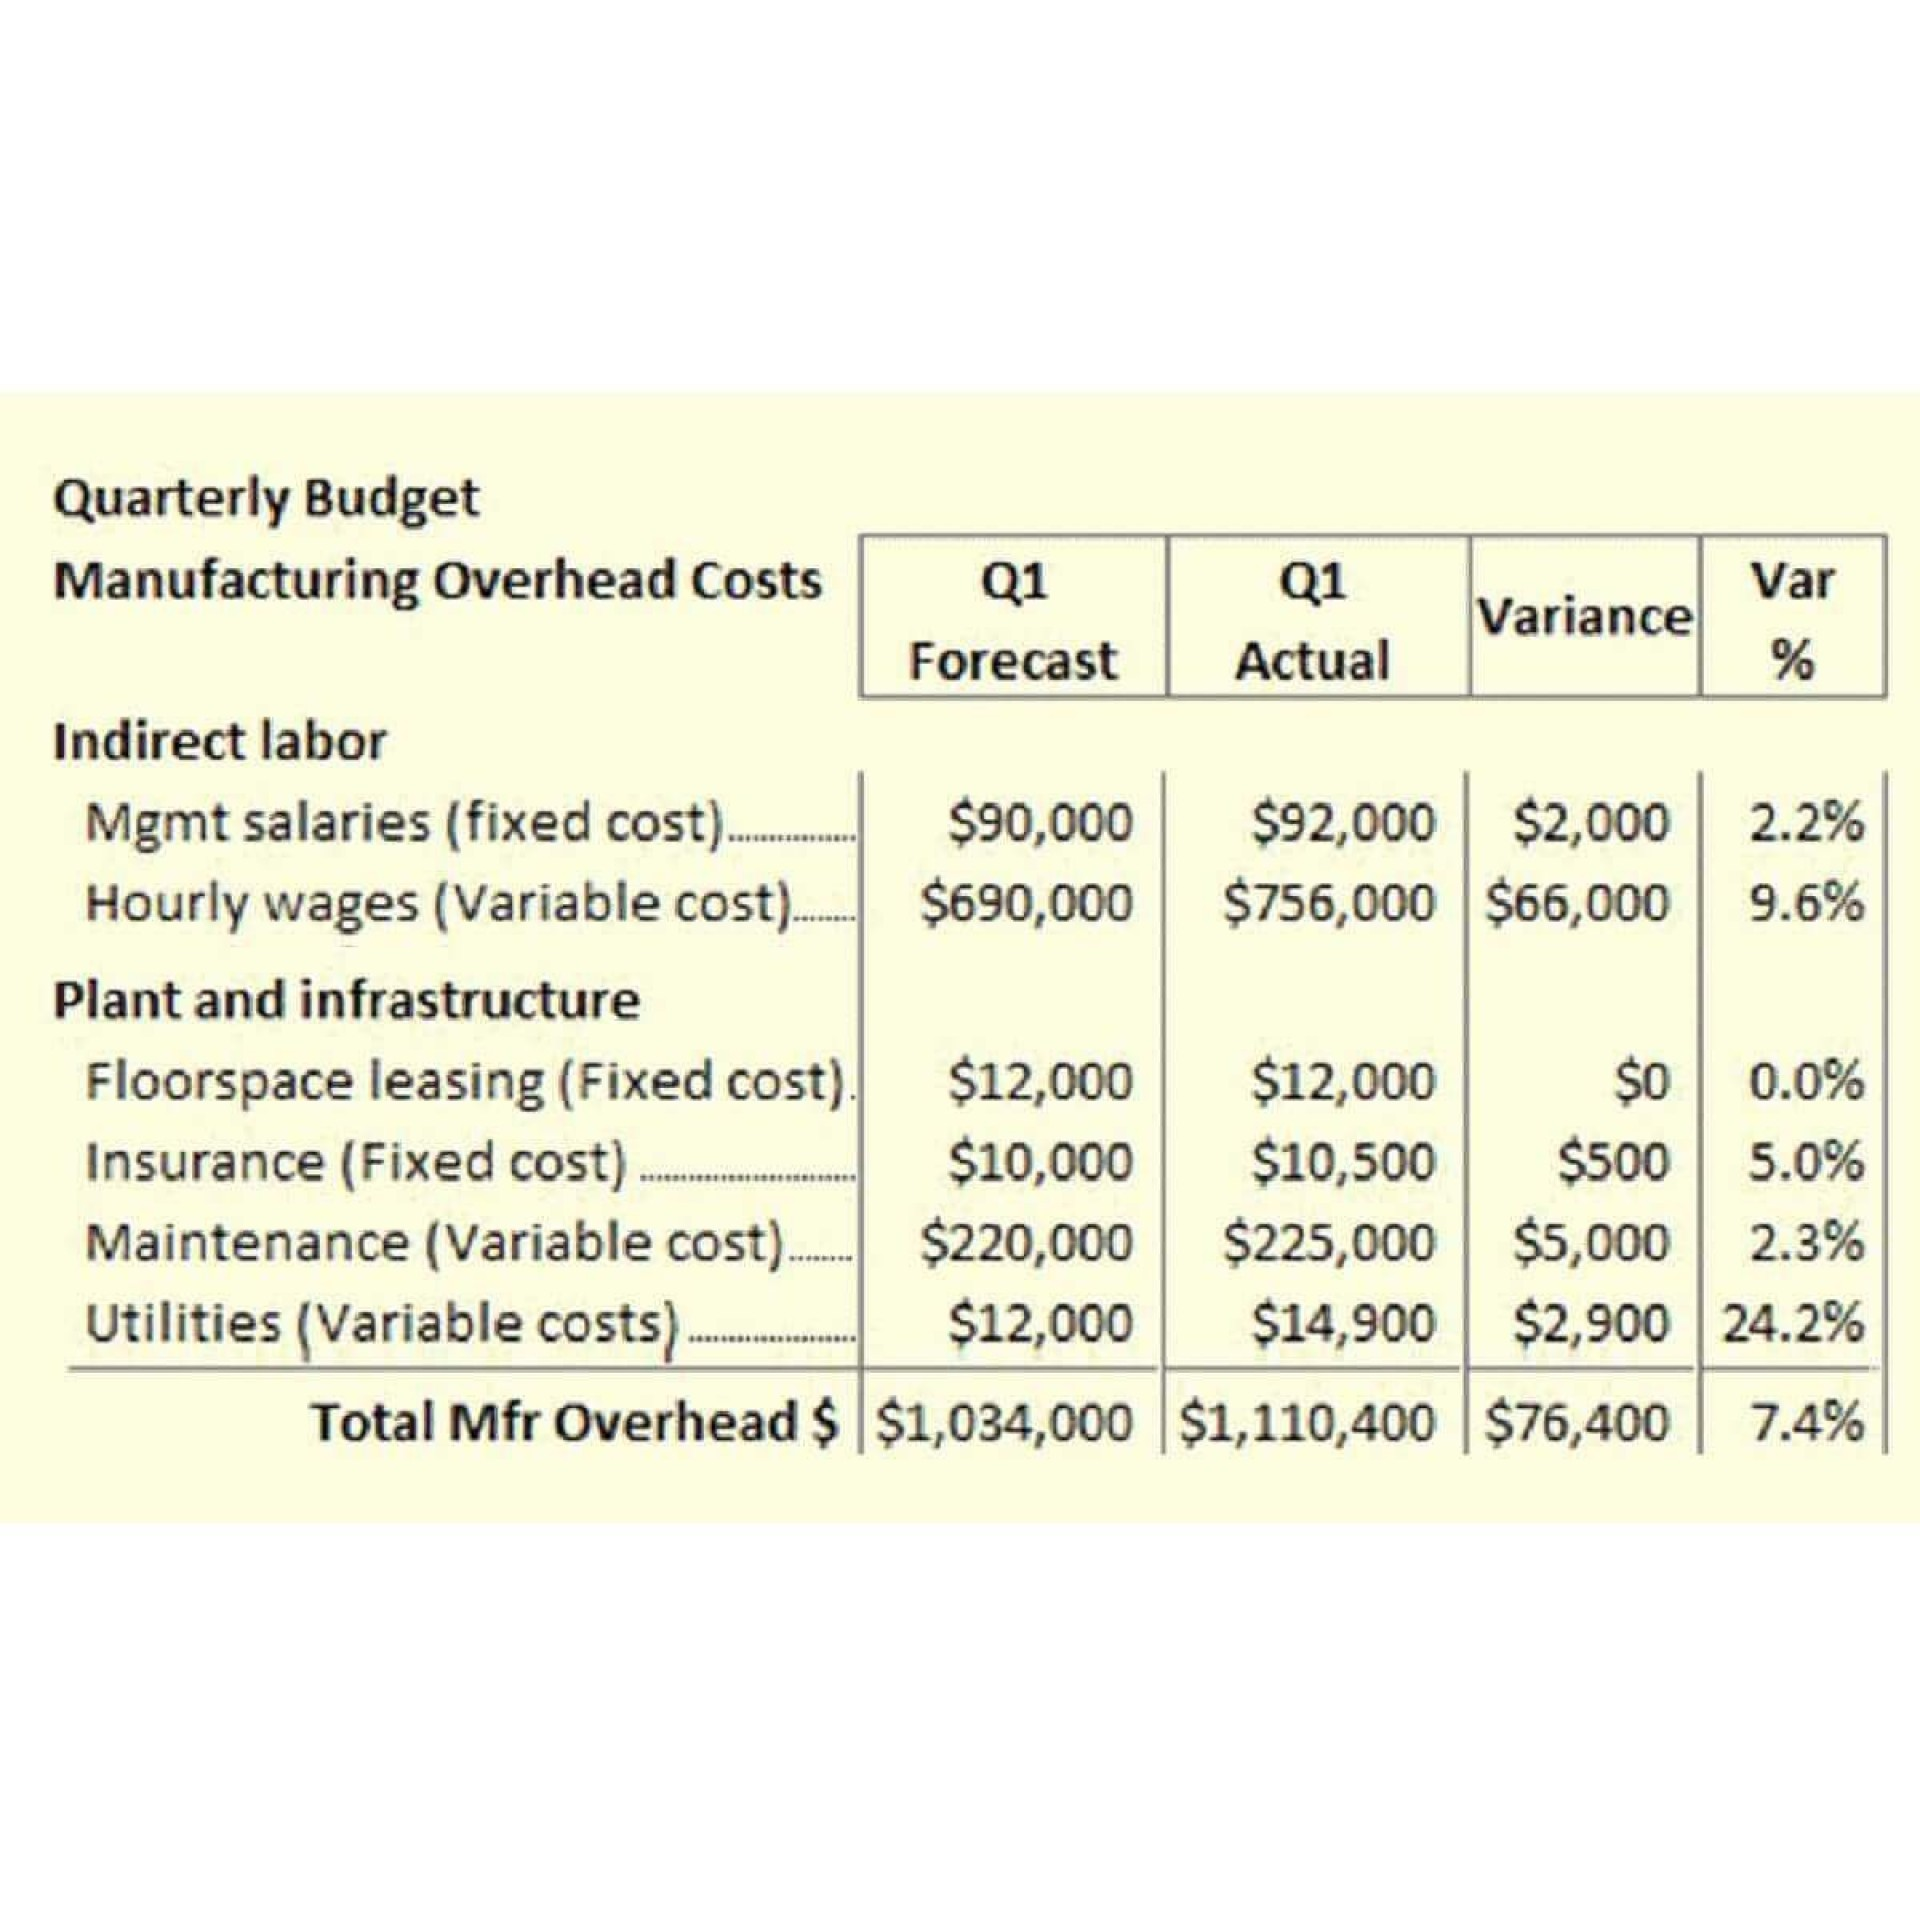 005 Shocking Sample Line Item Budget Format Concept 1920